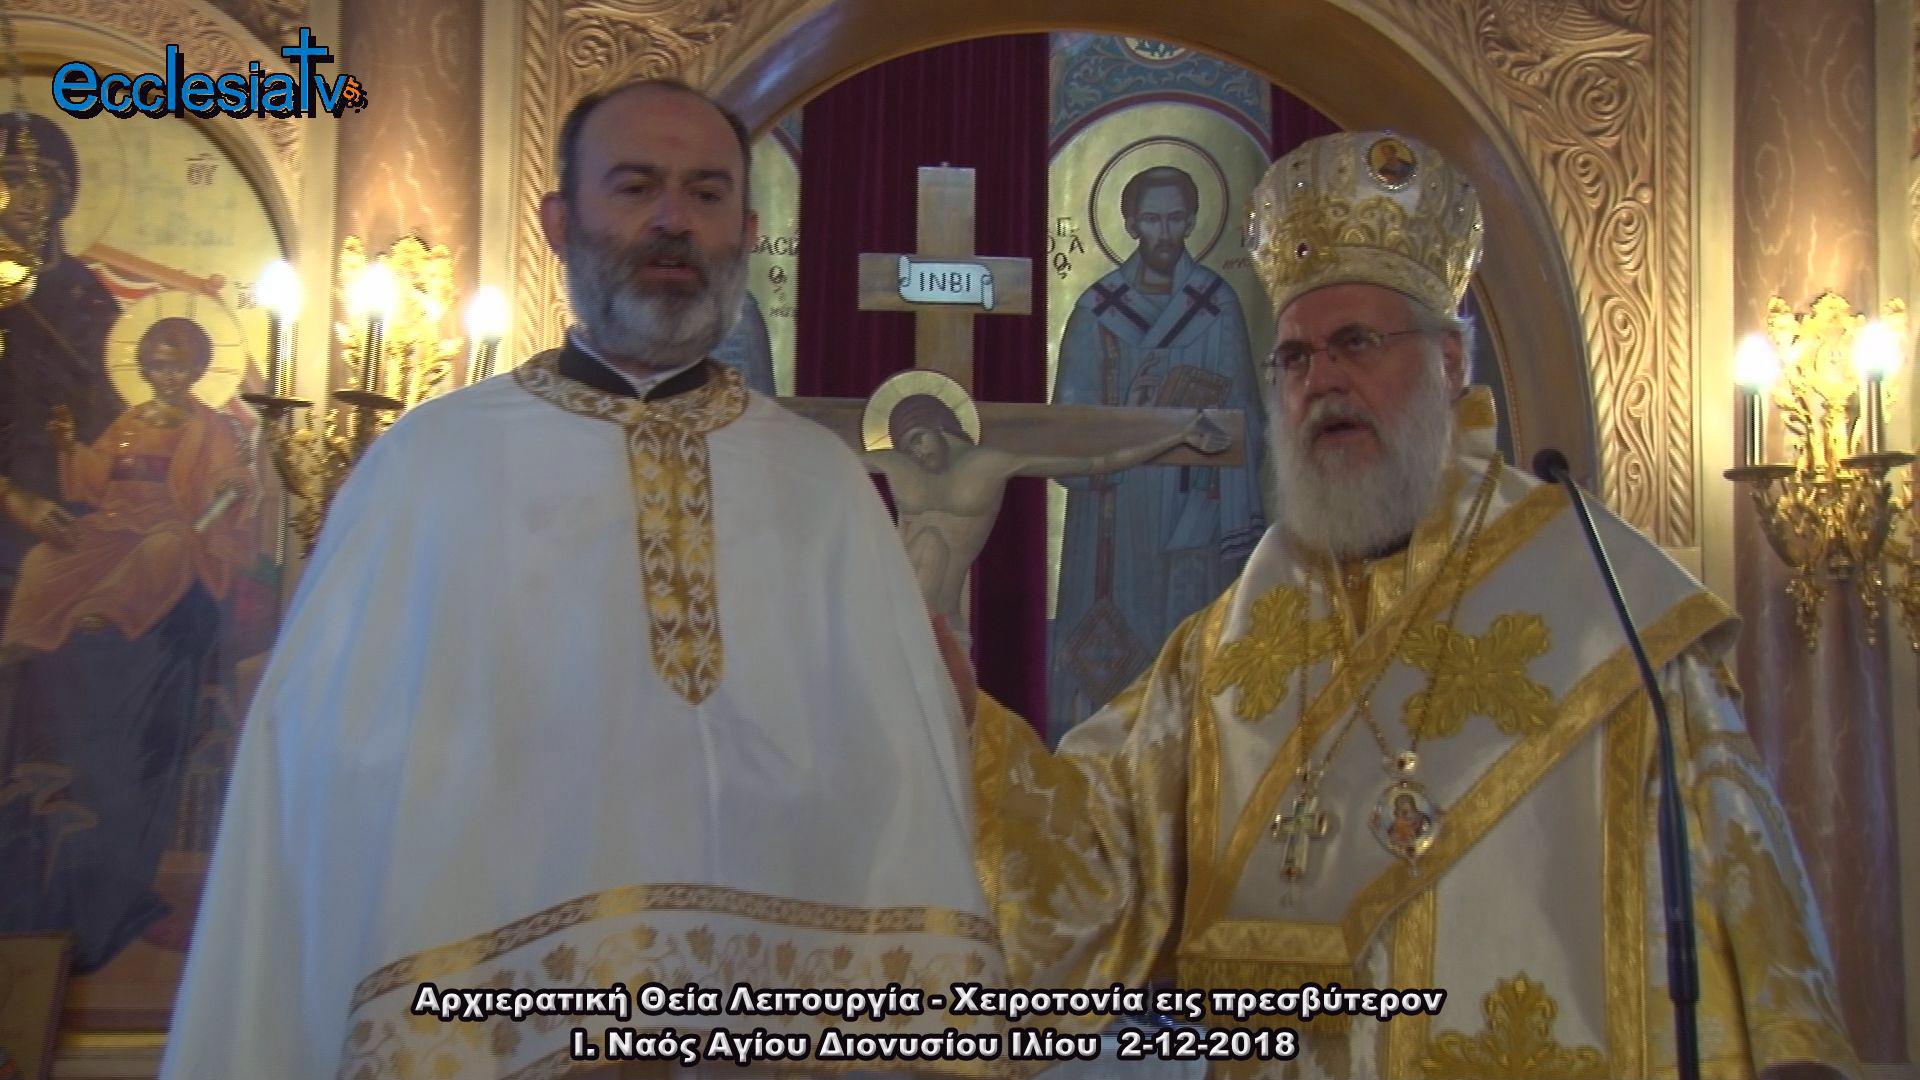 Ι. Ναός Αγίου Διονυσίου Ιλίου - Αρχιερατική Θεία Λειτουργία και χειροτονία εις πρεσβύτερον του π. Στεφάνου Γεωργαλή